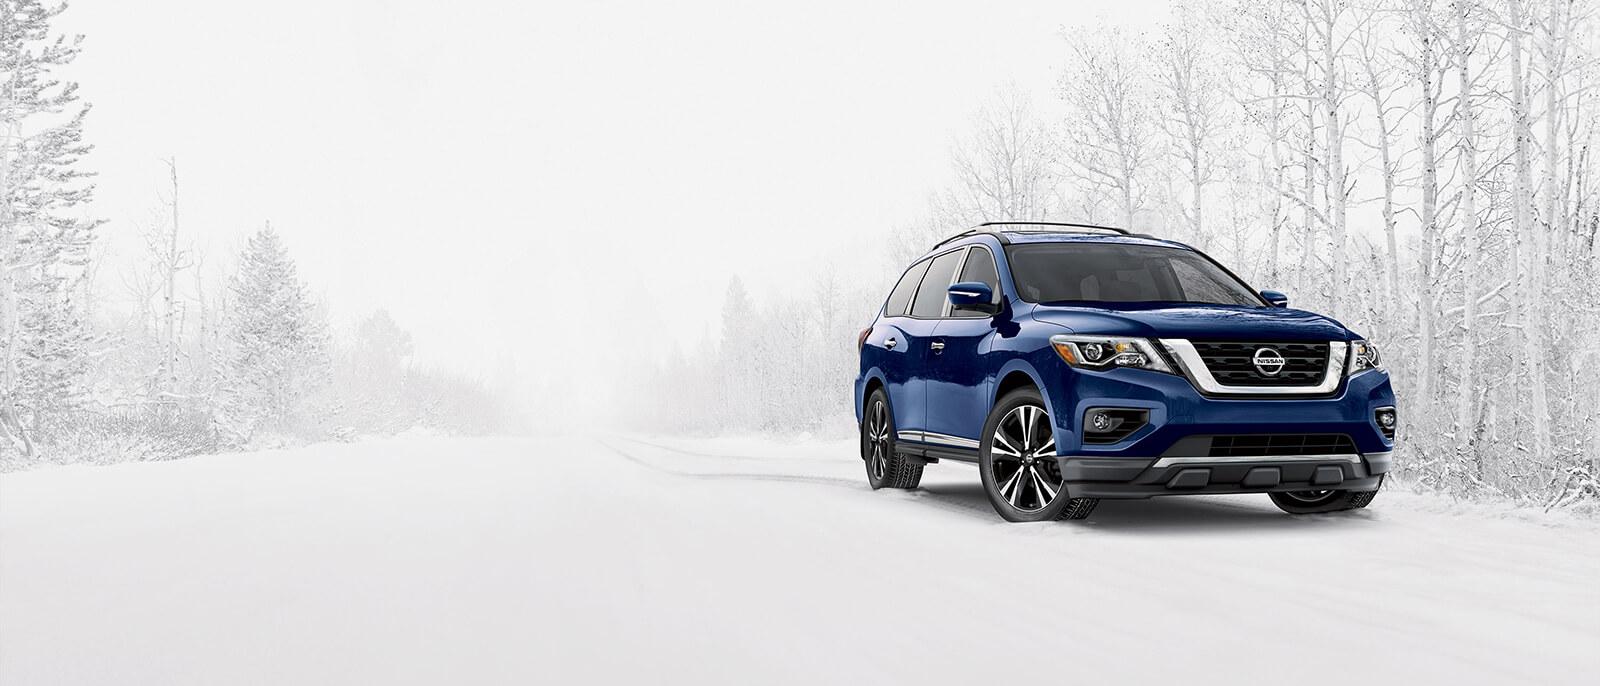 2017 Nisan Pathfinder Snow